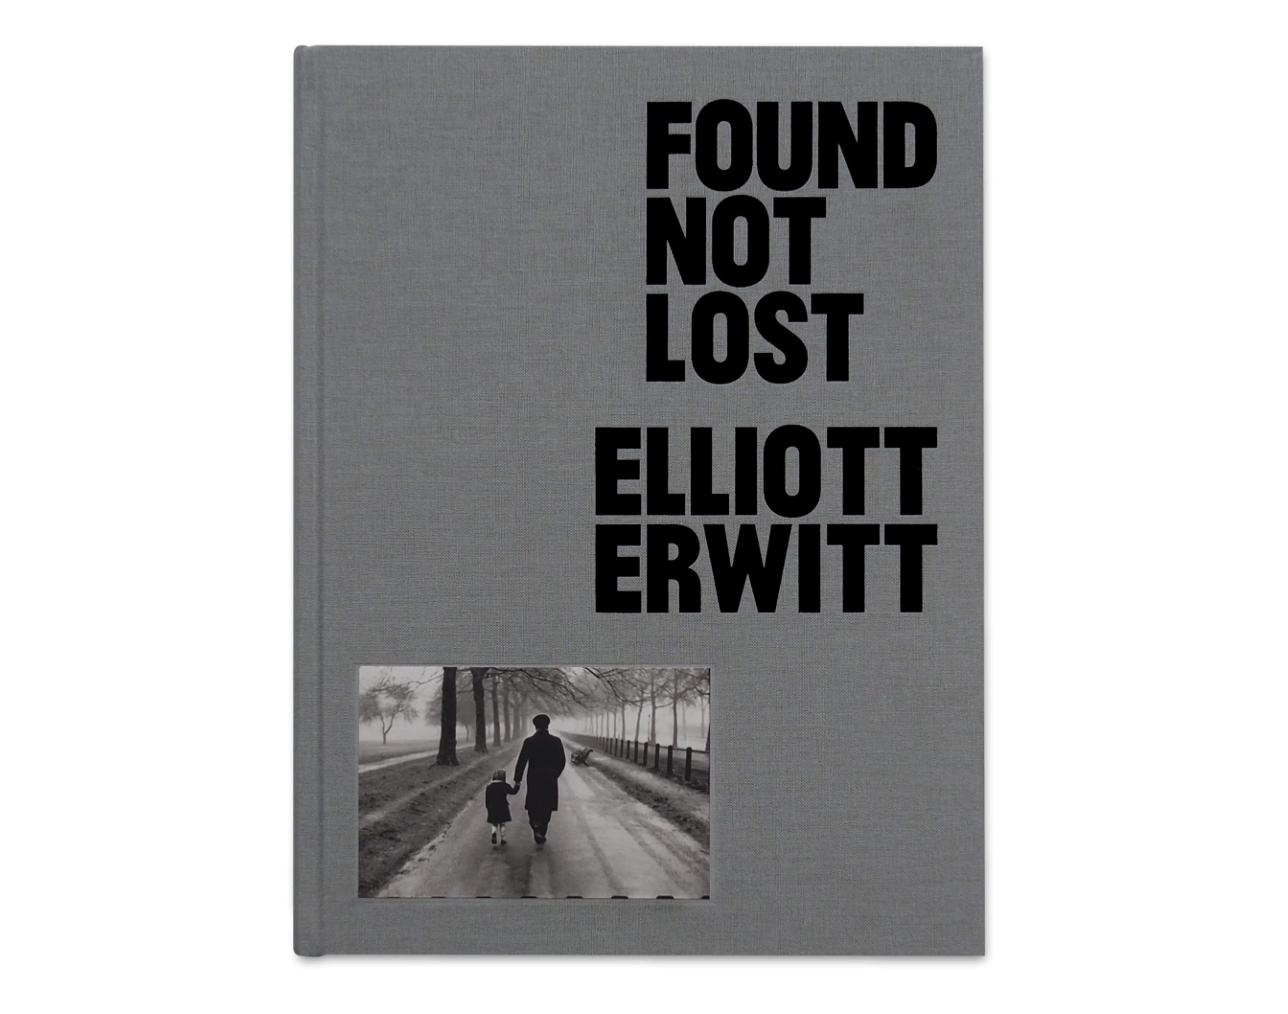 Buchcover von vorne auf weißem Hintergrund vom Bildband Found, nit lost von dem Fotografen Elliot Erwitt